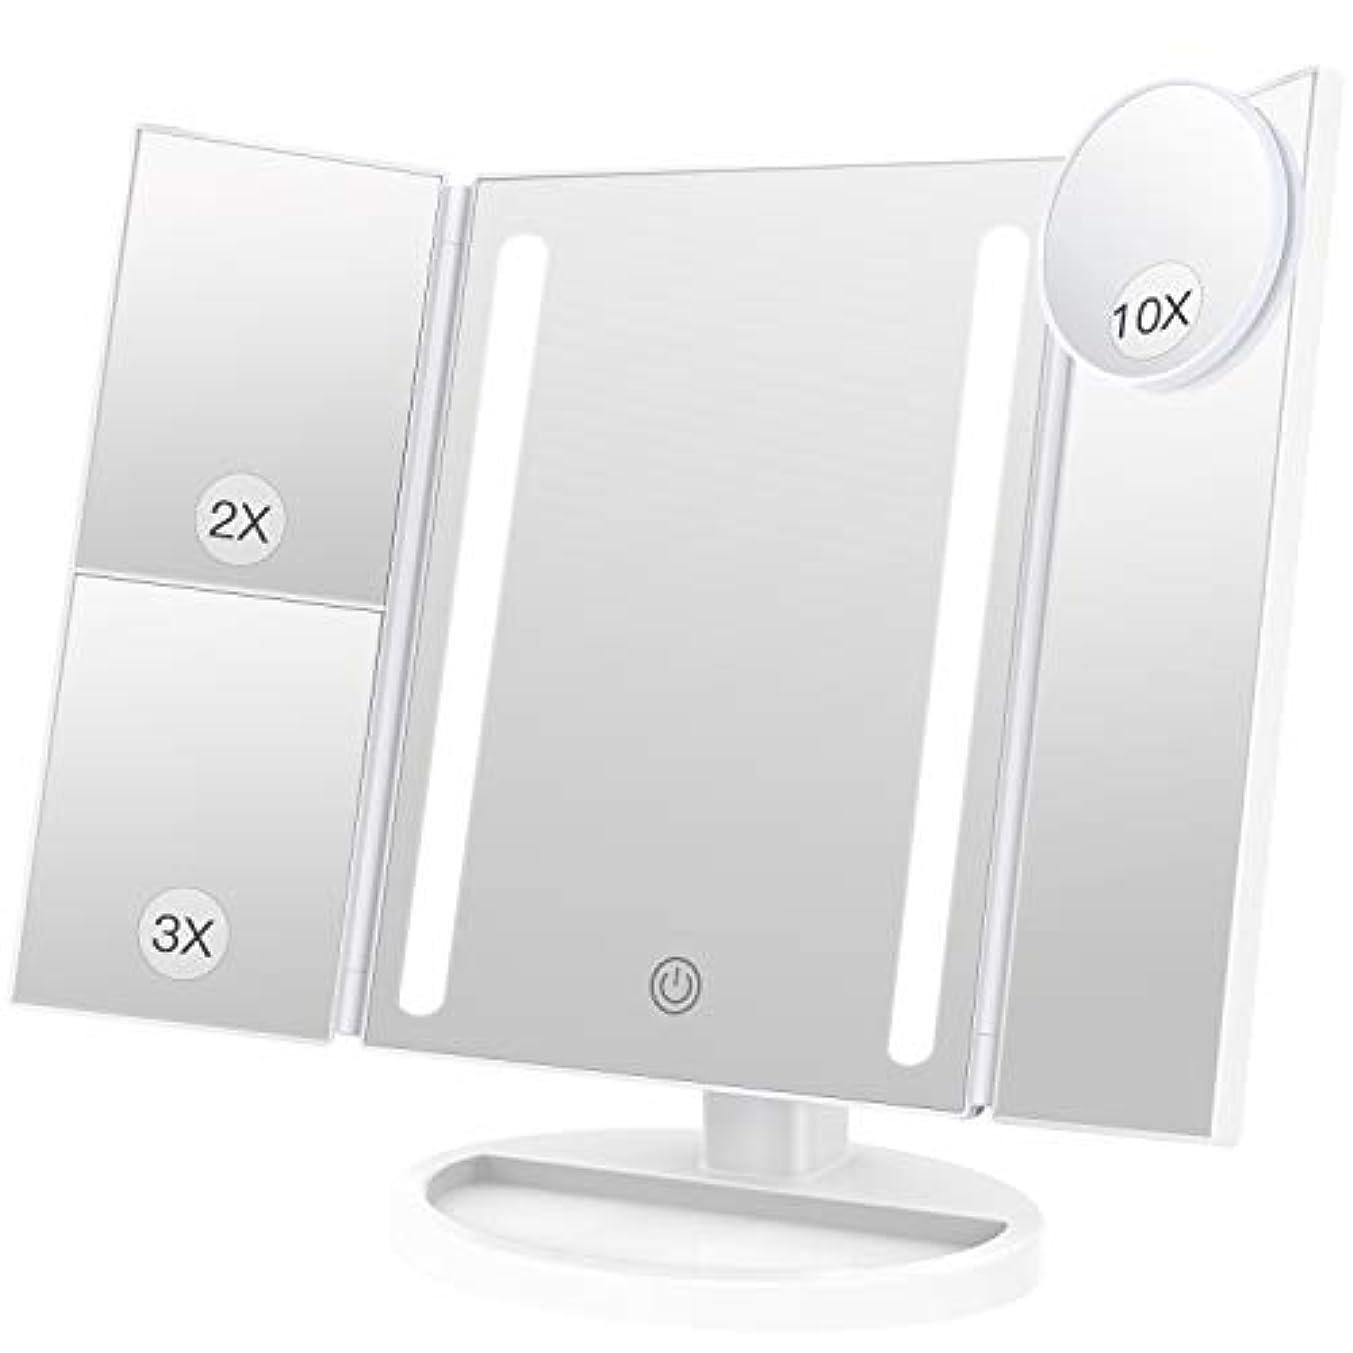 周囲鷲特性BESTOPE 化粧鏡 卓上鏡 鏡 三面鏡 拡大鏡 卓上 led付き 折りたたみ 2倍&3倍 明るさ調節可能 180°回転 電池&USB 2WAY給電